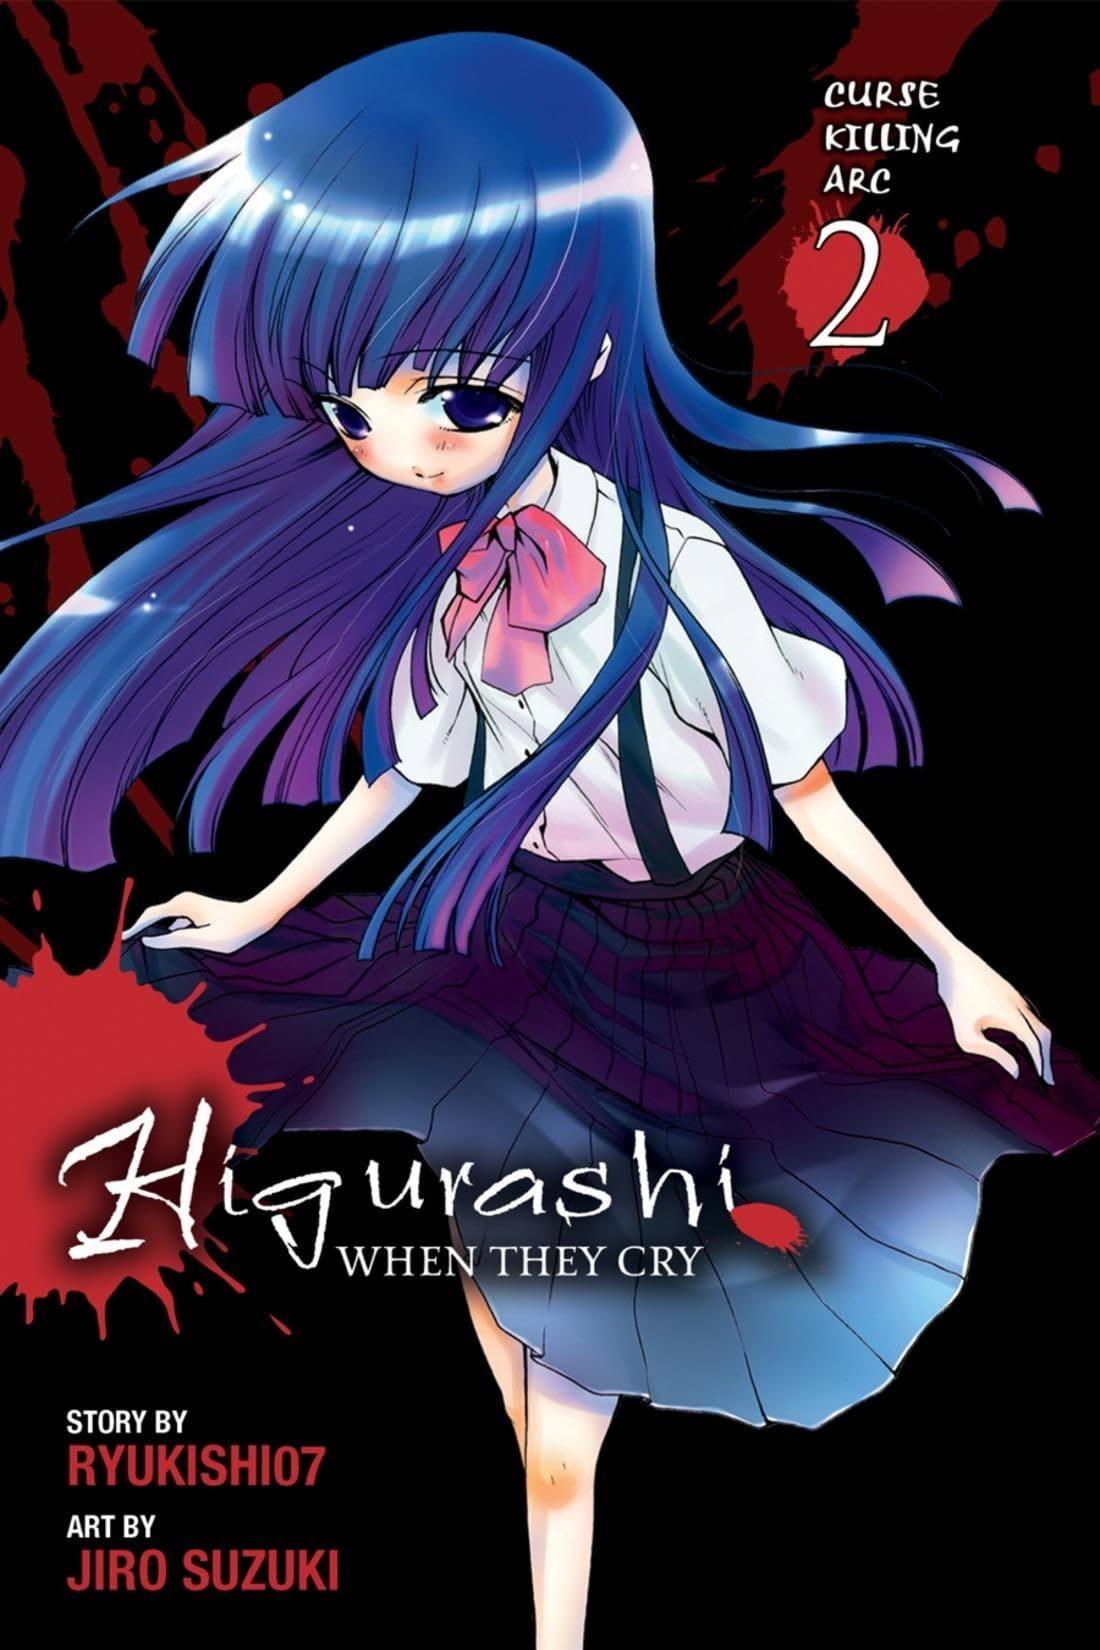 Higurashi When They Cry Vol. 2: Curse Killing Arc